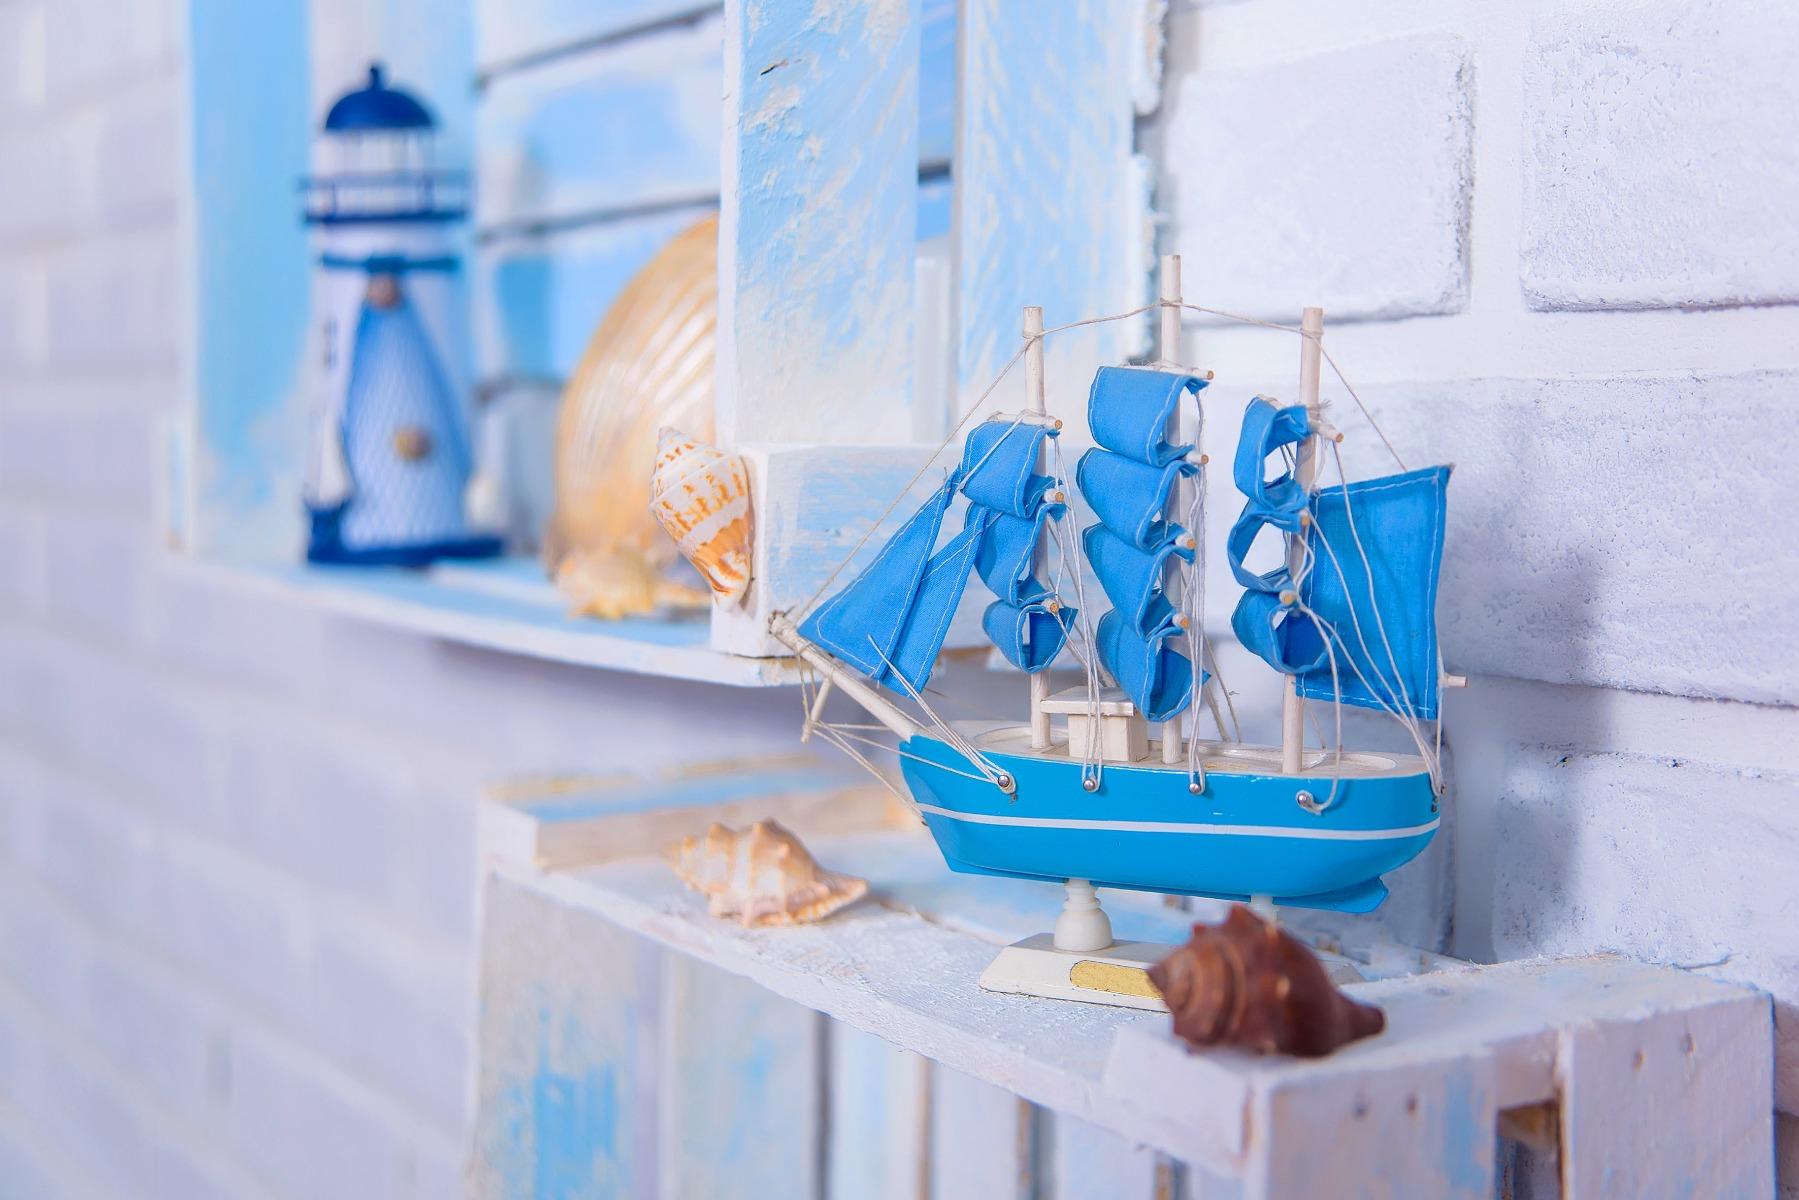 Das Bild zeigt maritime Dekoration.